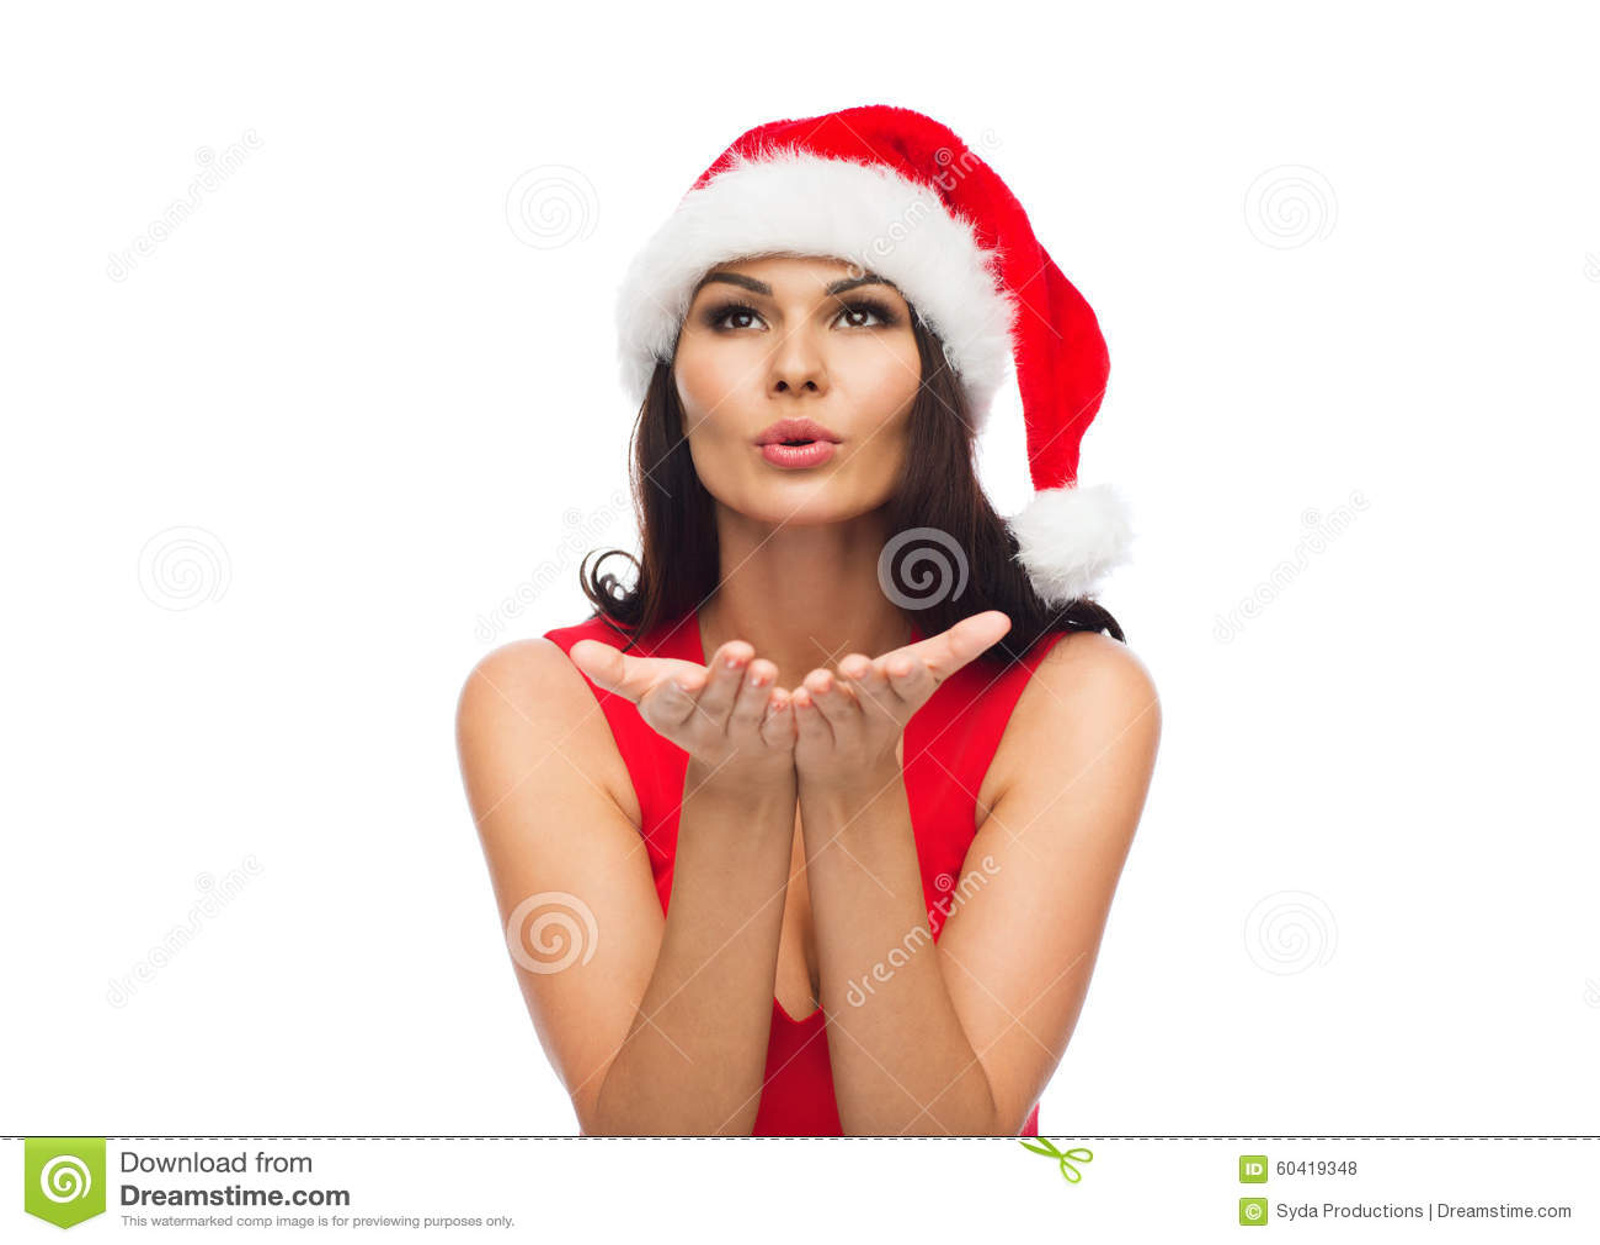 Красивая сексуальная женщина в шляпе santa и красном платье